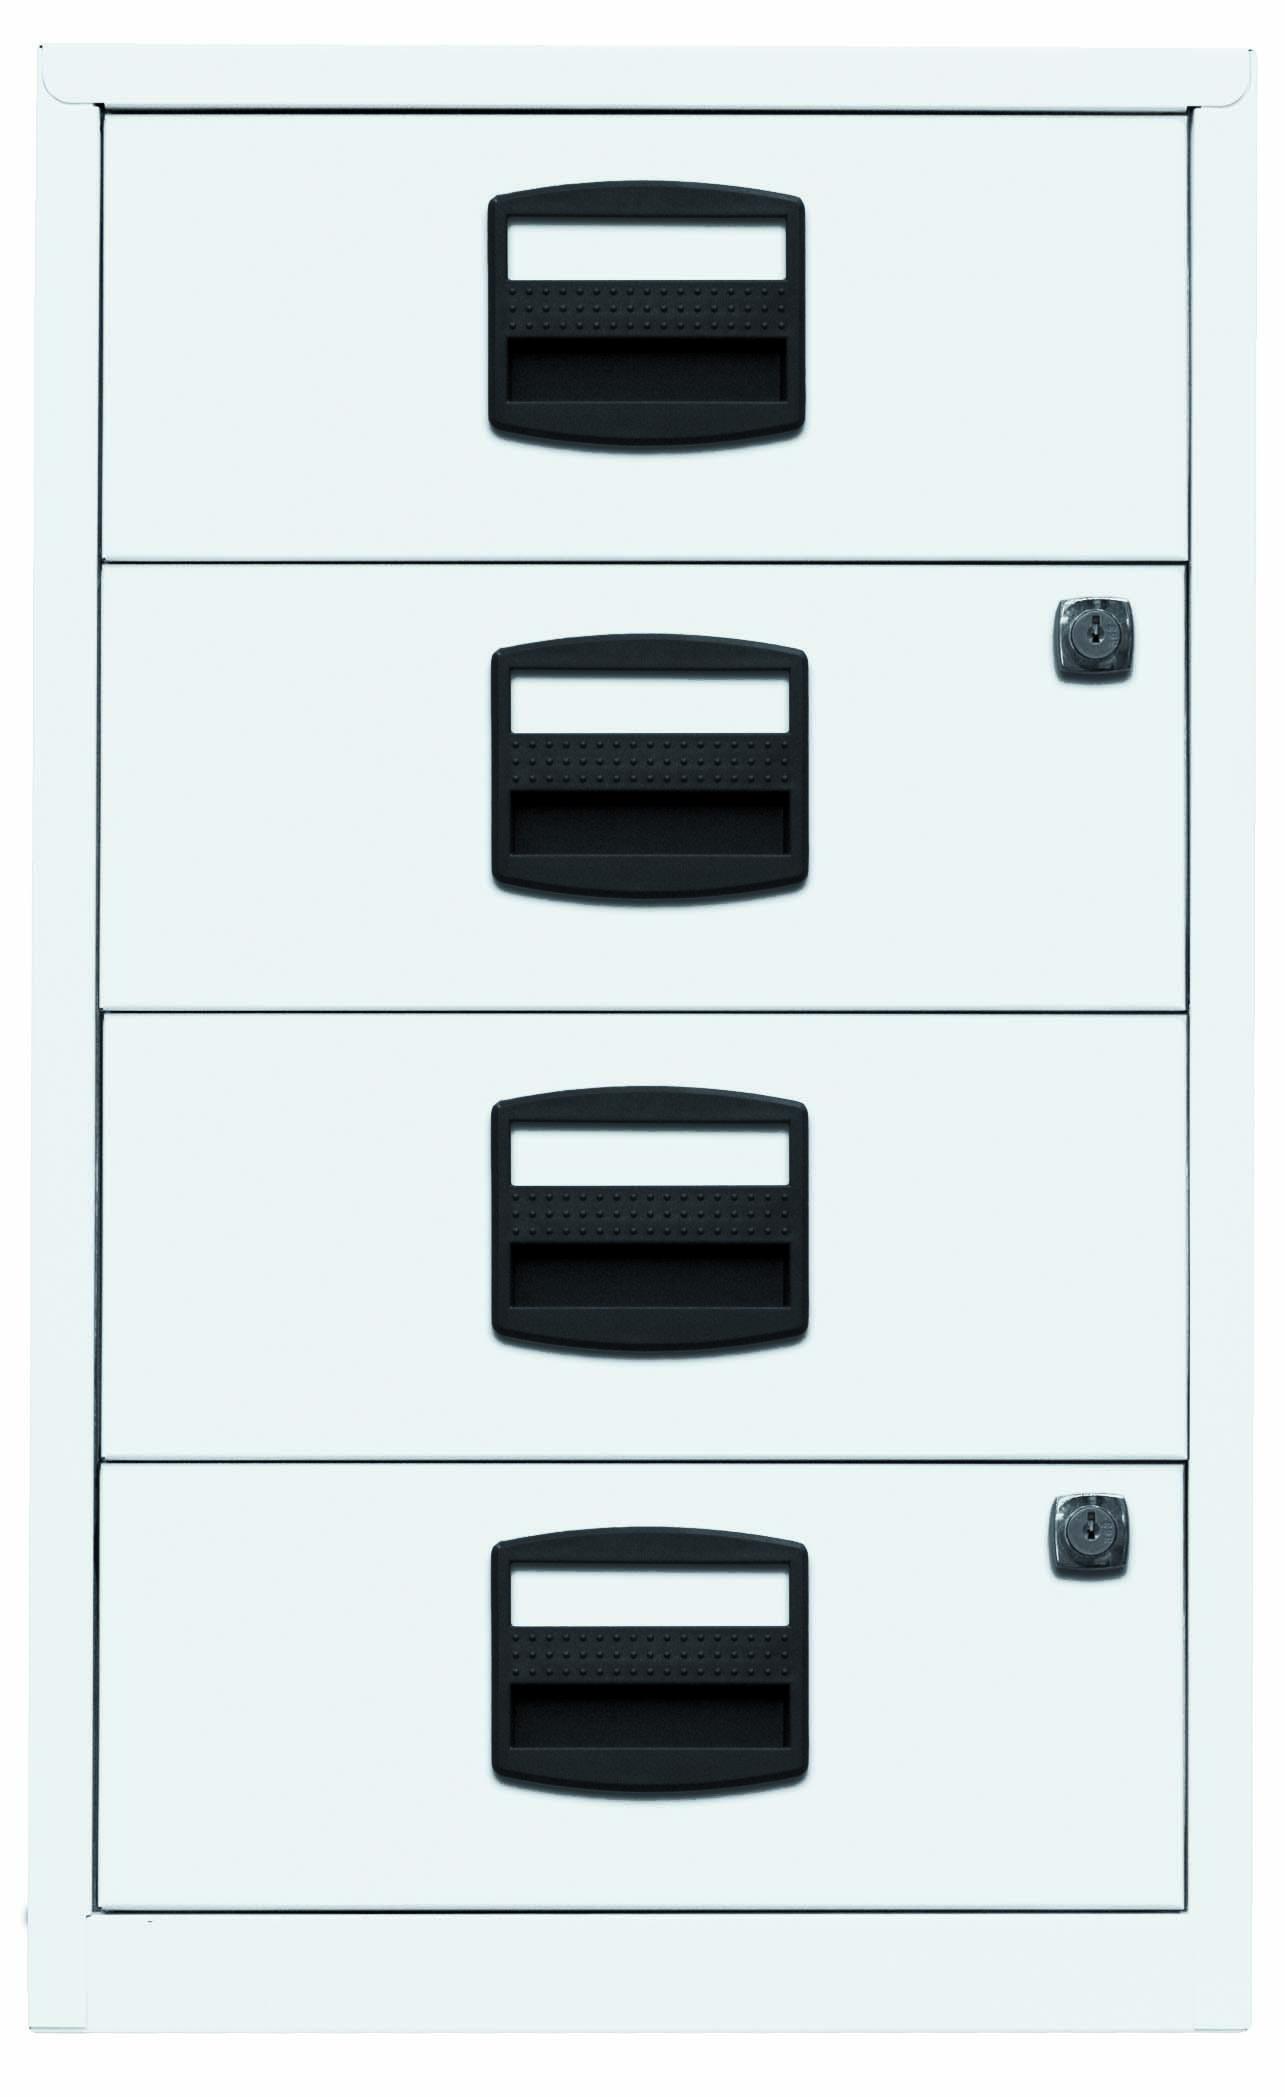 Beistellschrank PFA, 4 Universalschubladen, Farbe verkehrsweiß